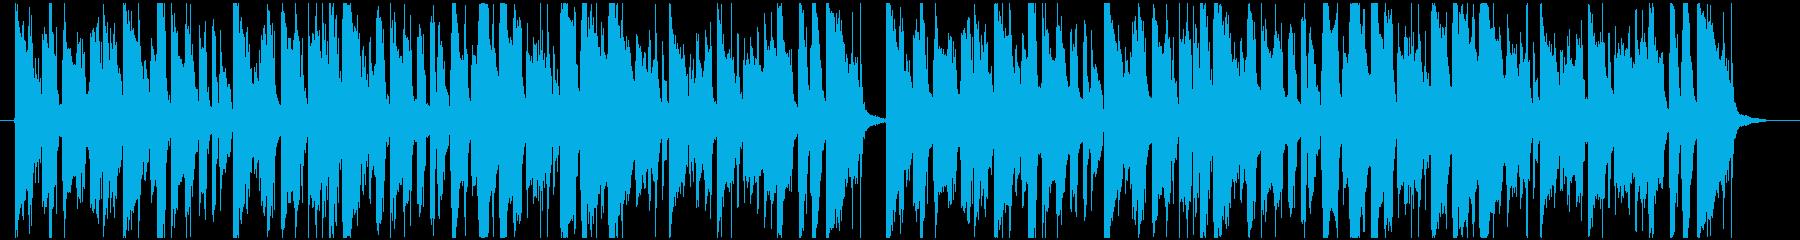 ワールド 民族 カントリー アクテ...の再生済みの波形